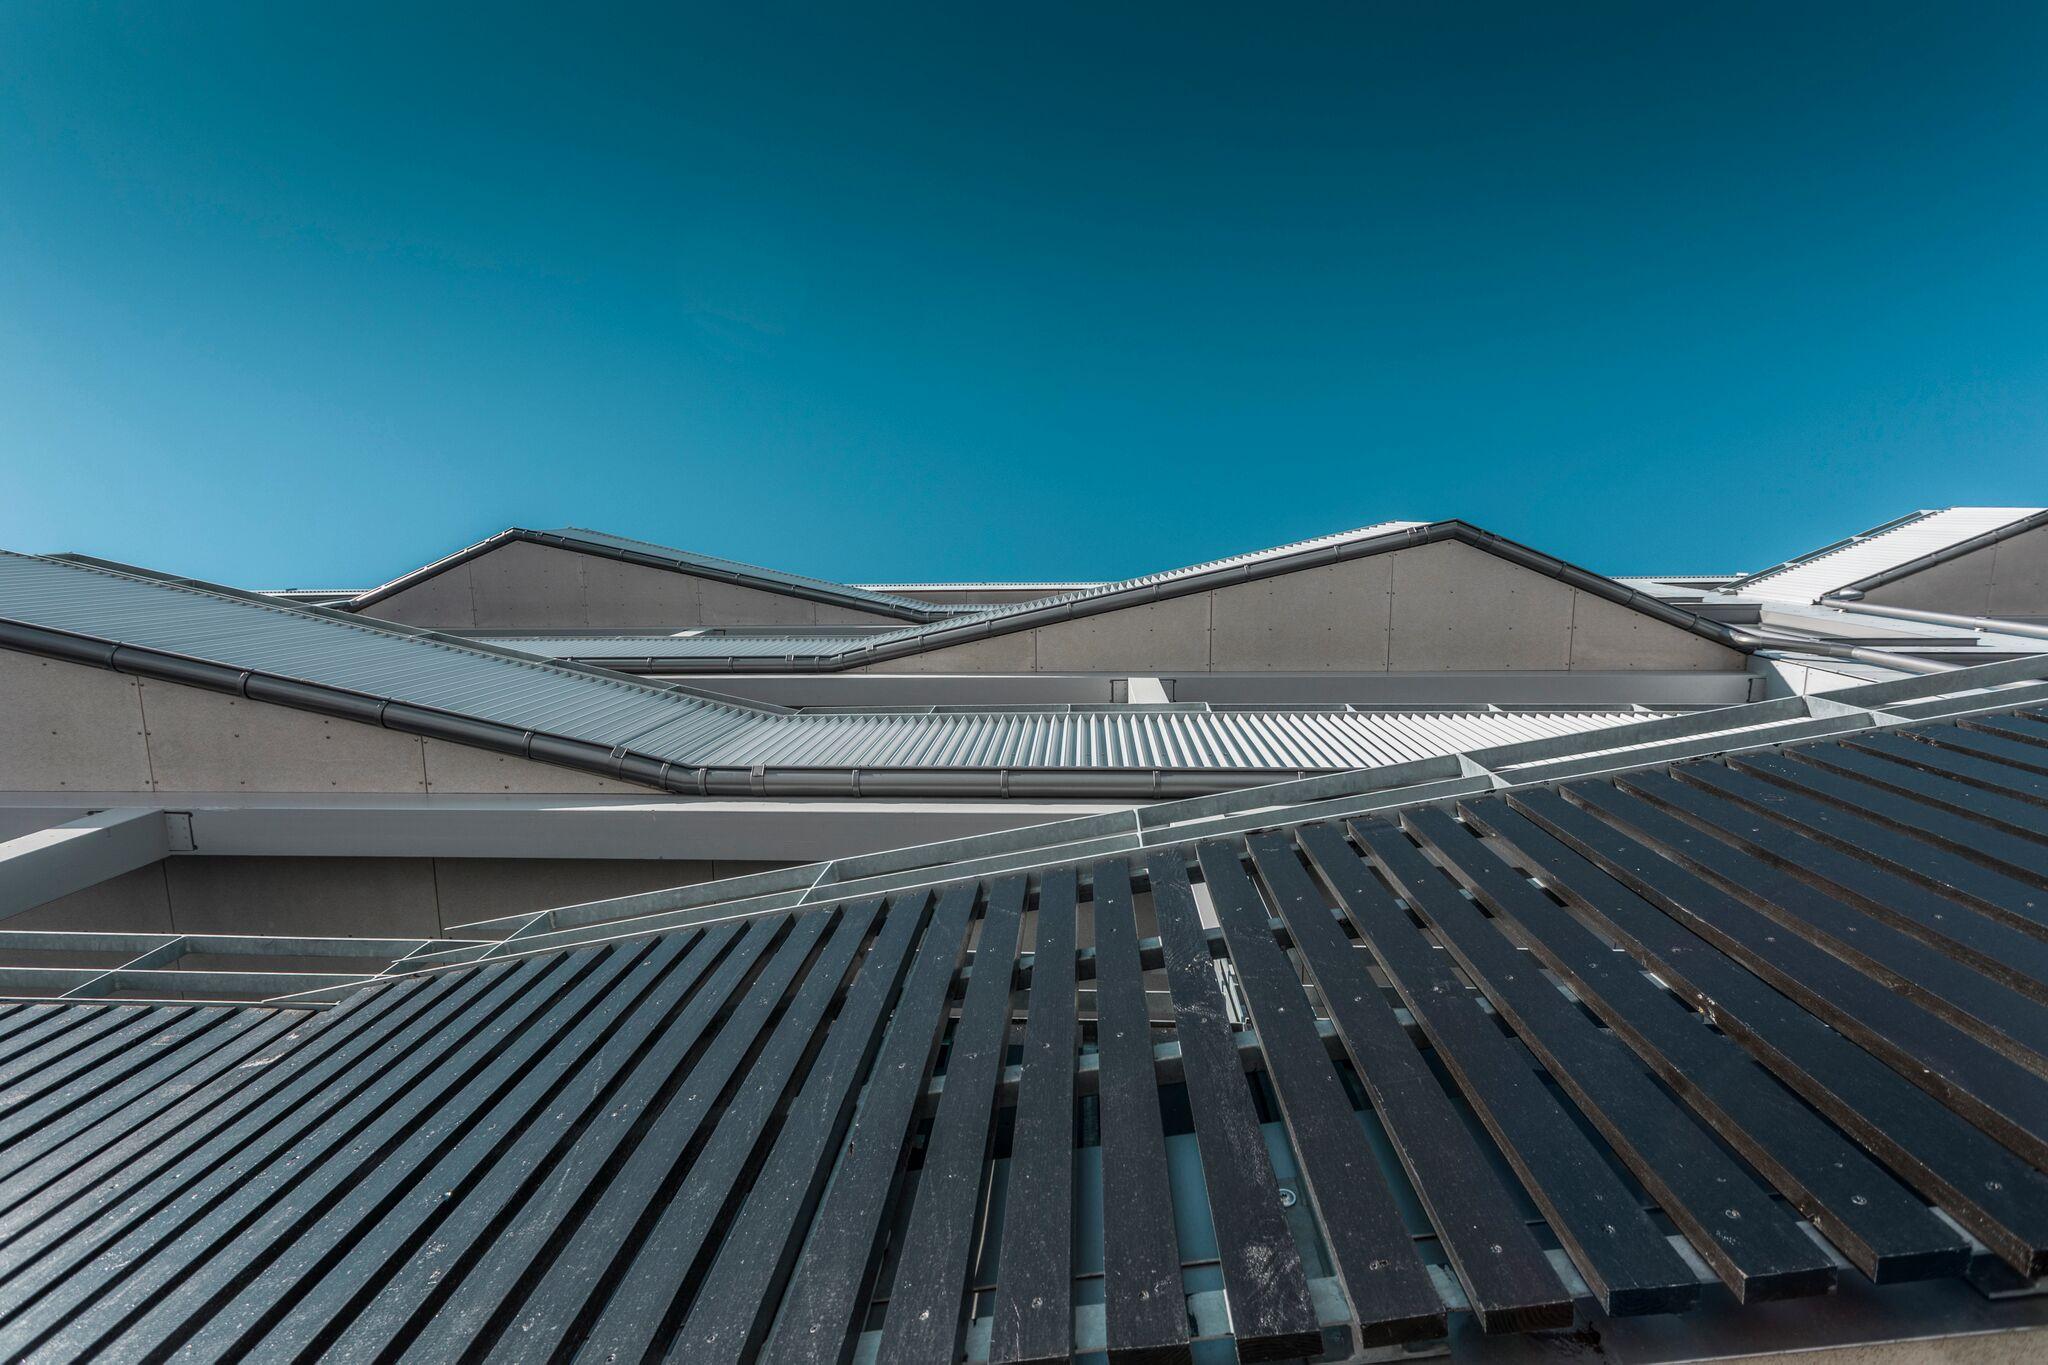 Og tok arkitekturbilder av Lade Alle!